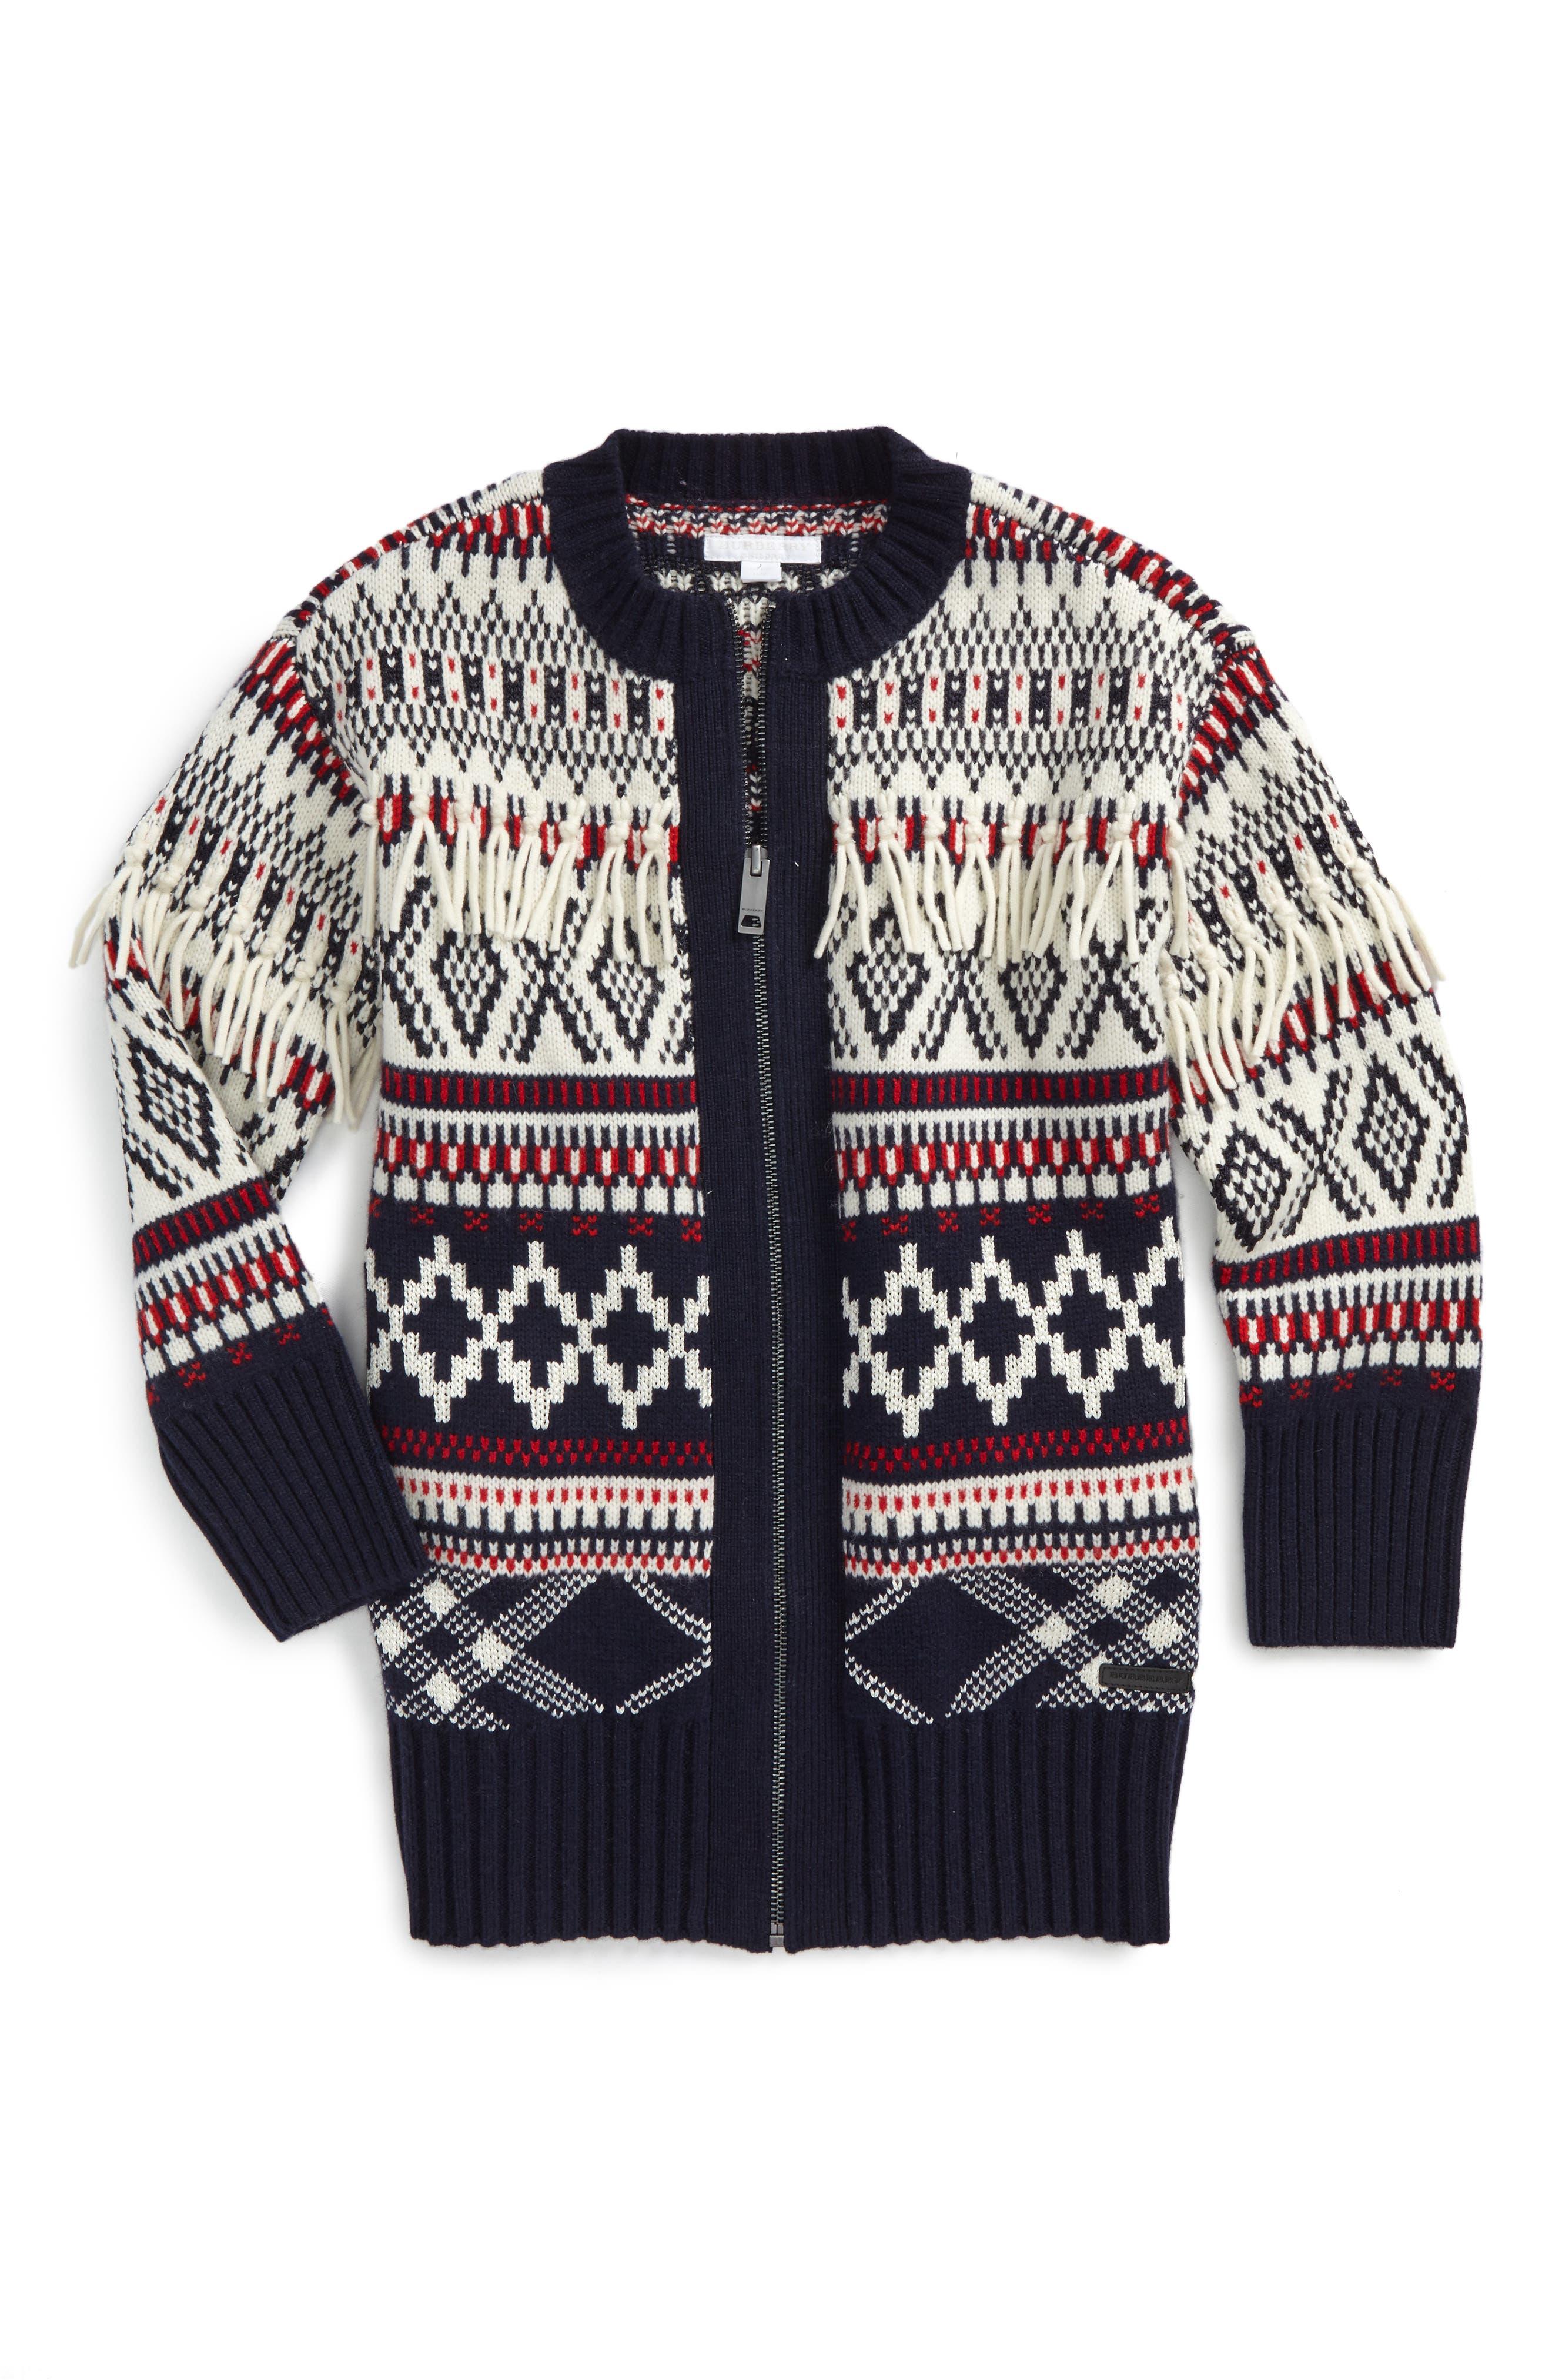 Main Image - Burberry Jaqueline Wool Blend Sweater (Little Girls & Big Girls)